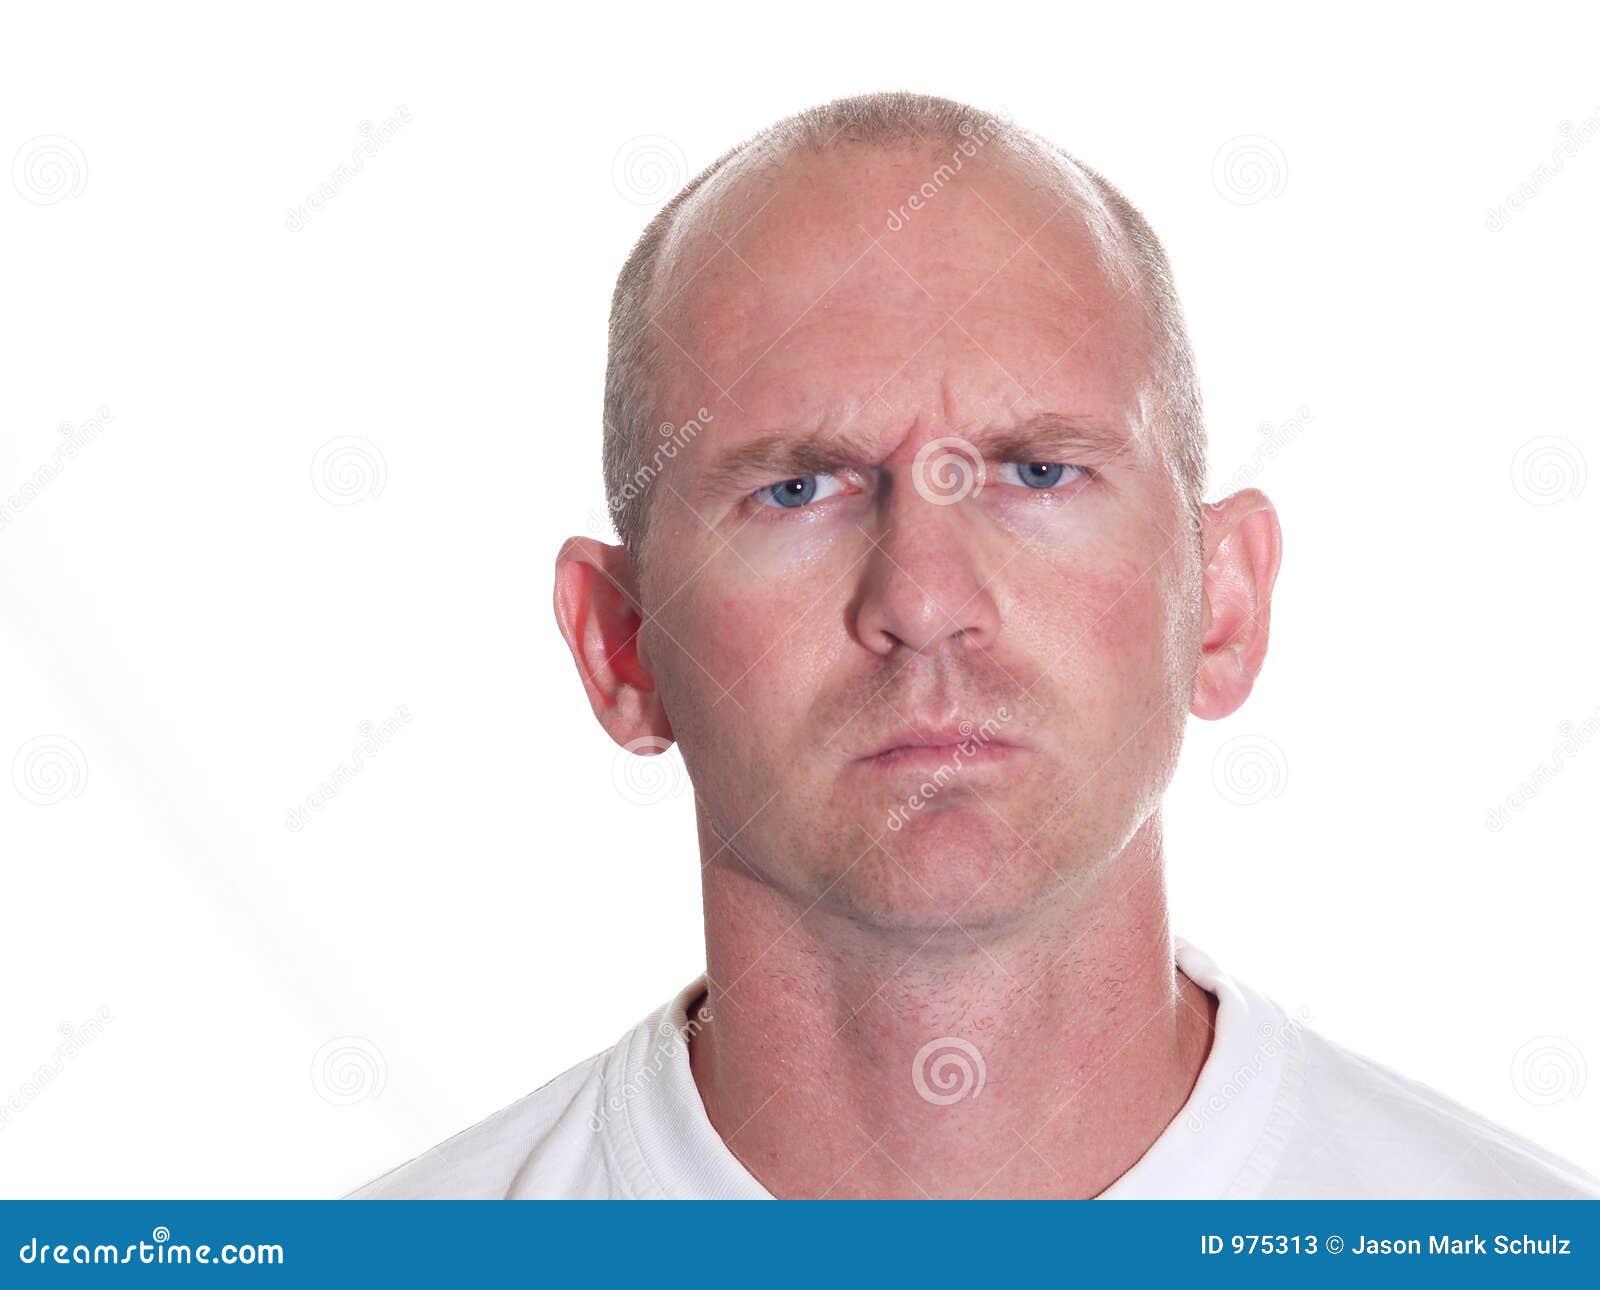 The Angry Bald Guy